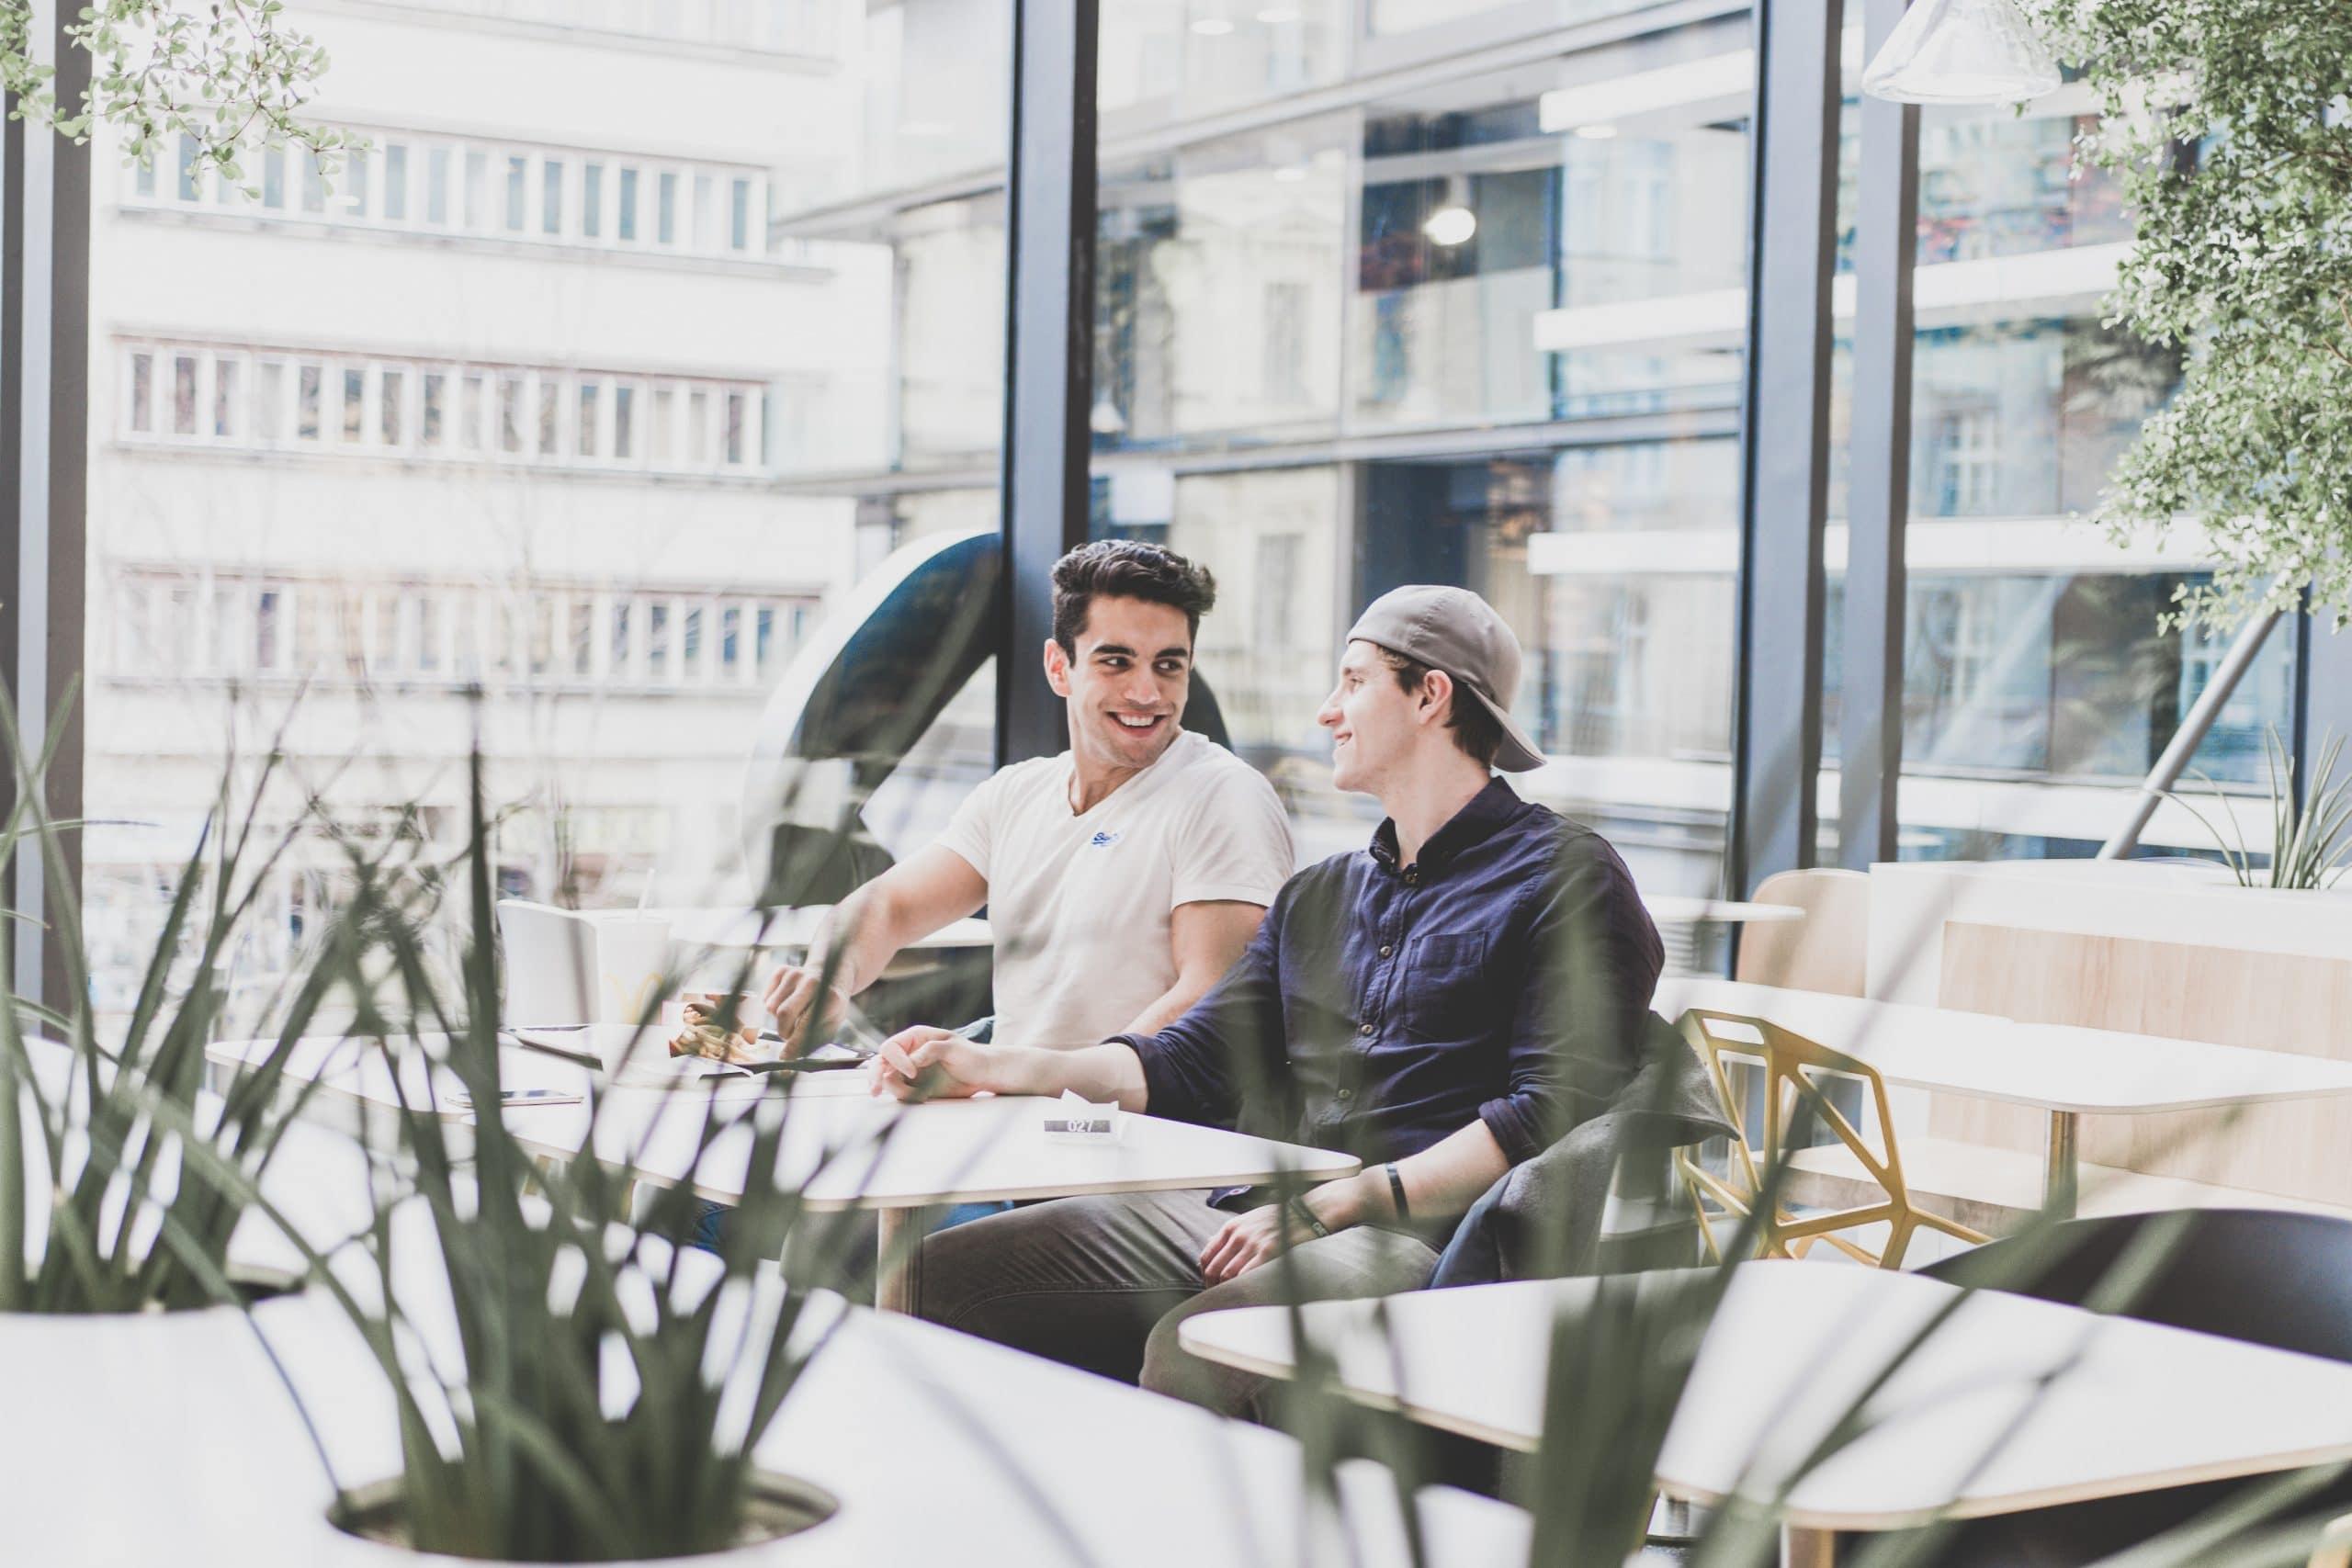 Casal conversando na mesa em um ambiente arejado com prédios ao fundo.